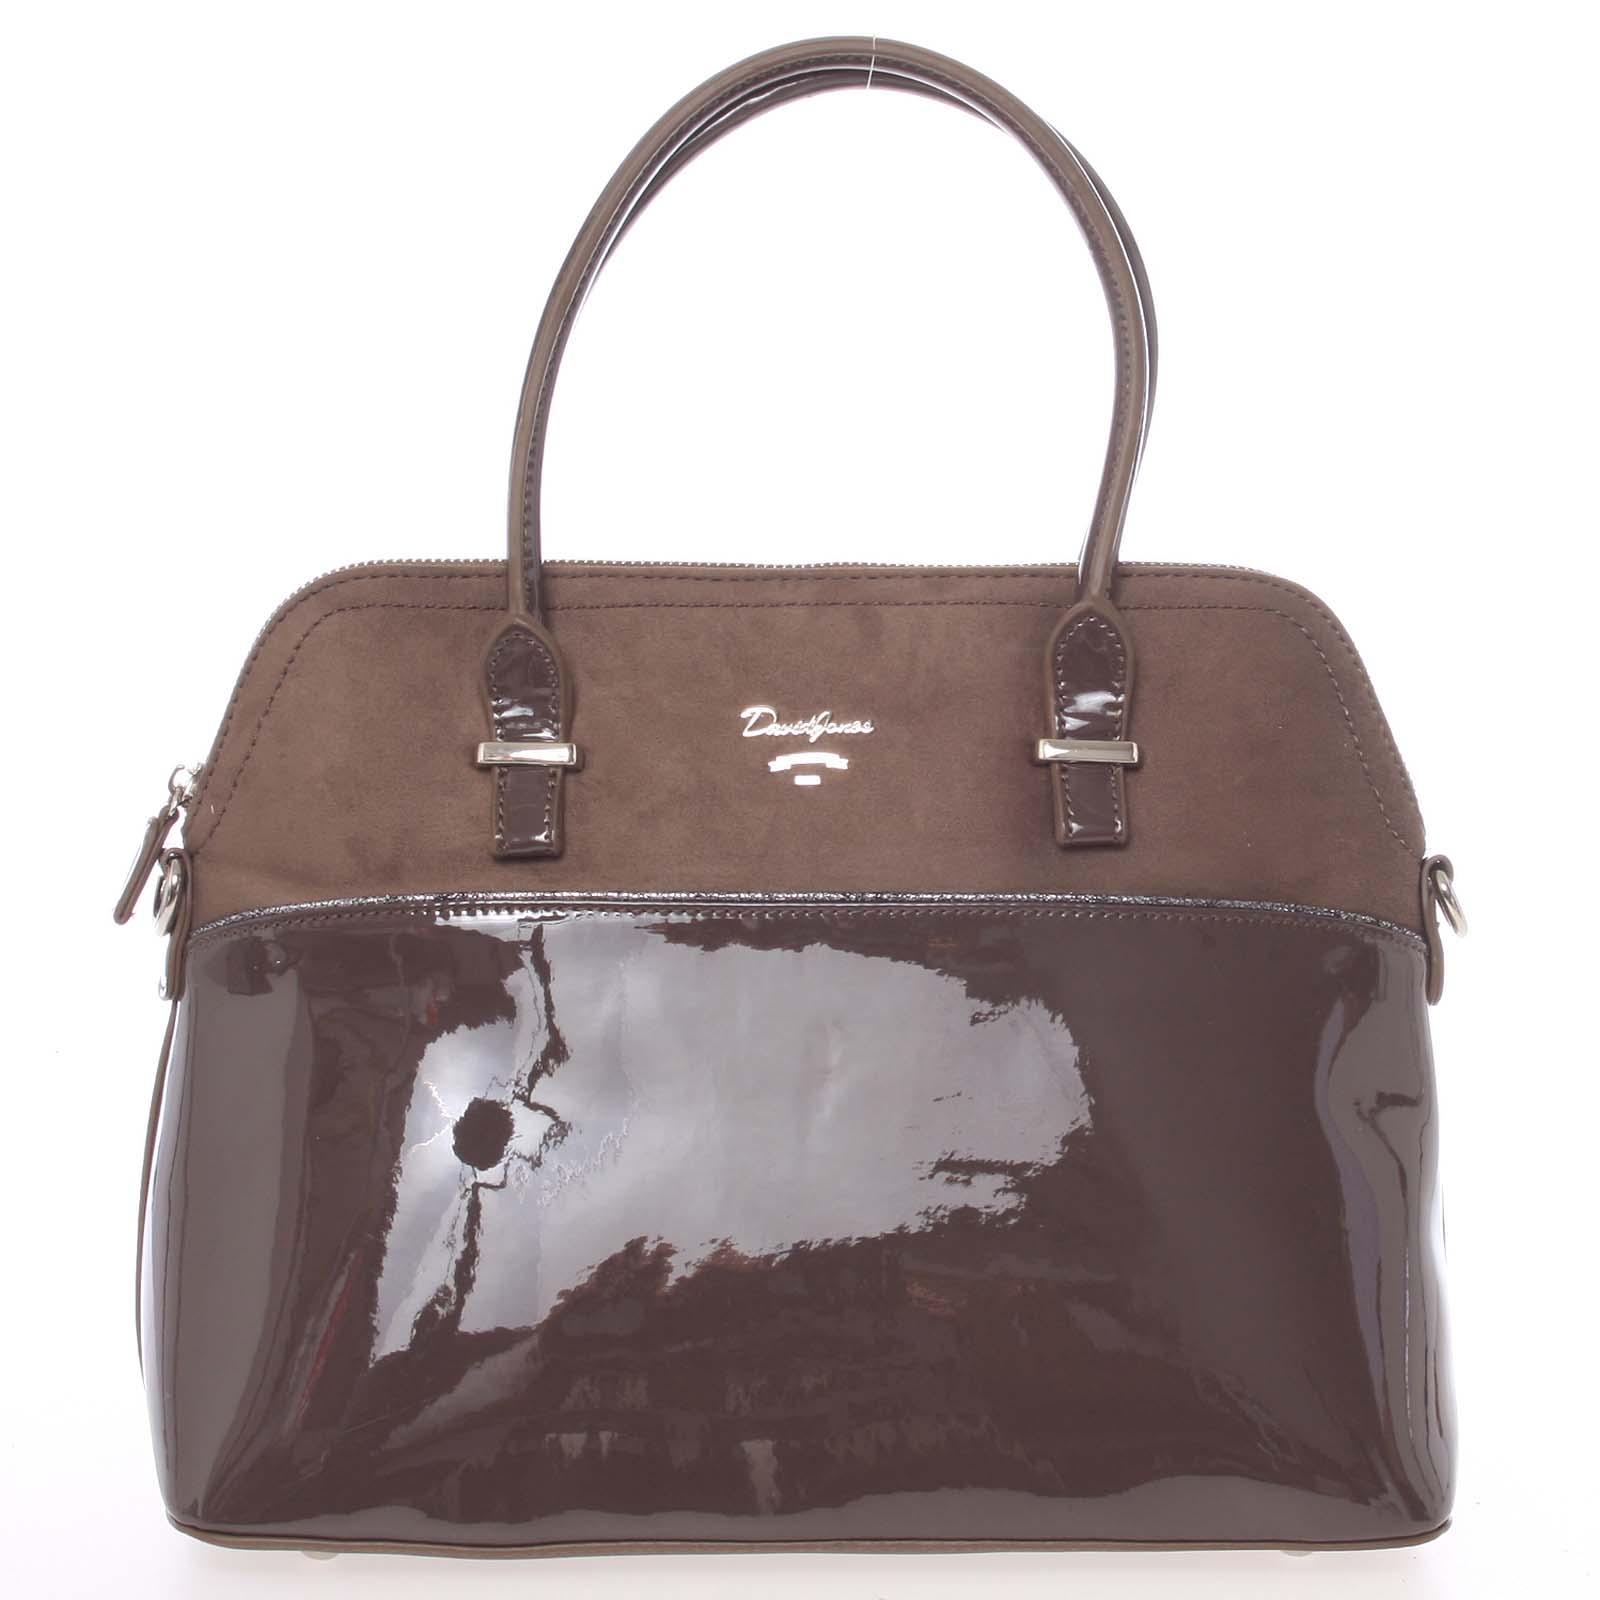 Dámská kabelka do ruky pololakovaná tmavě hnědá - David Jones Pisella